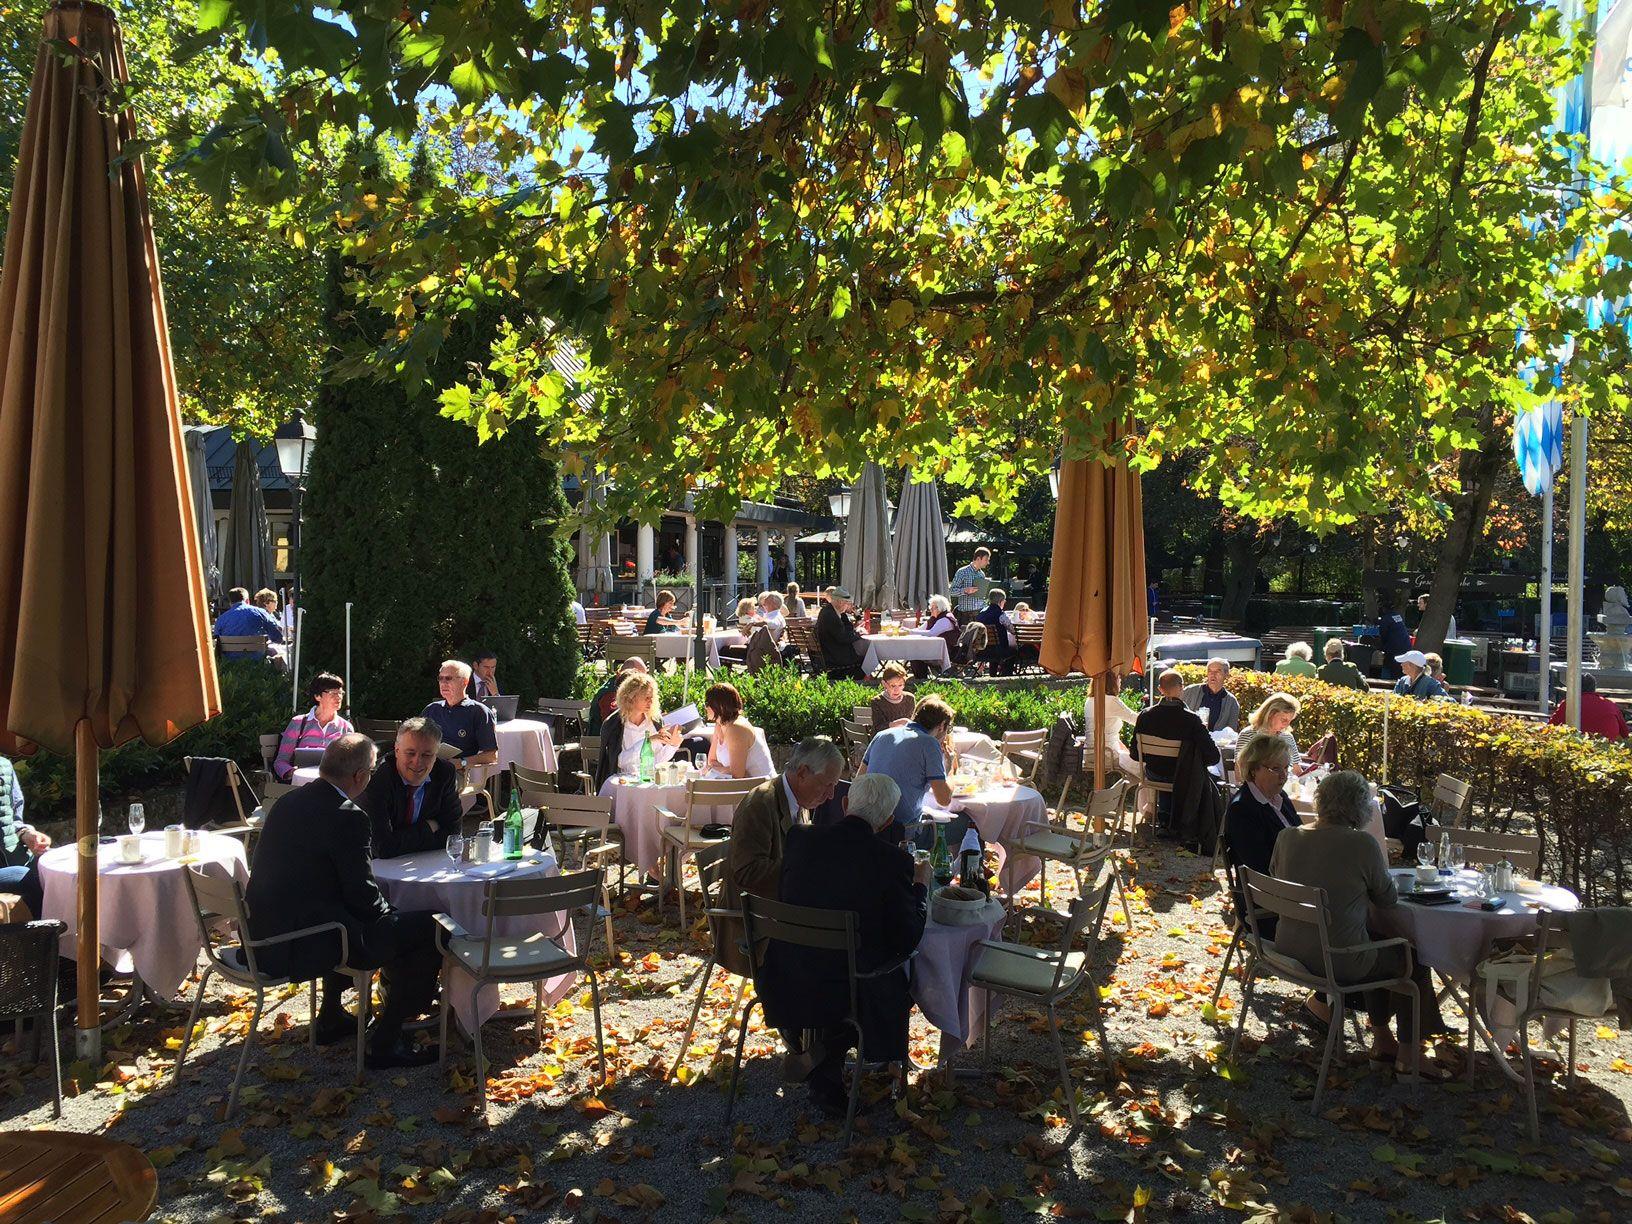 Ideal Seehaus Biergarten im Englischen Garten in M nchen Die neue Studie zeigt Favorite Places u Spaces Pinterest Garten and Beer garden